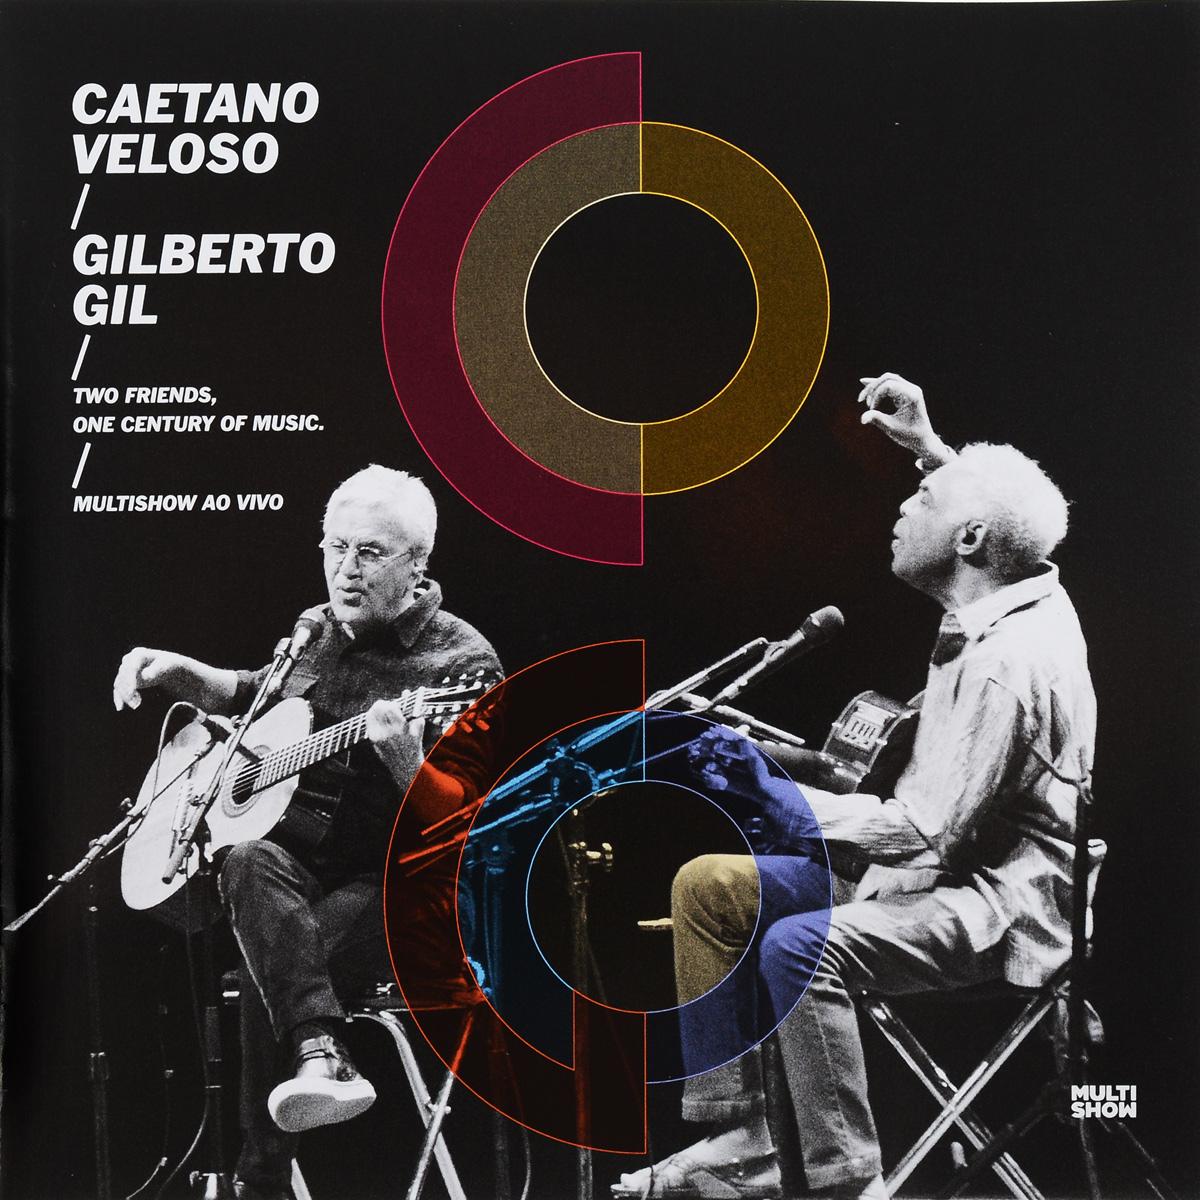 Издание содержит 8-страничный буклет с фотографиями и дополнительной информацией на итальянском языке.